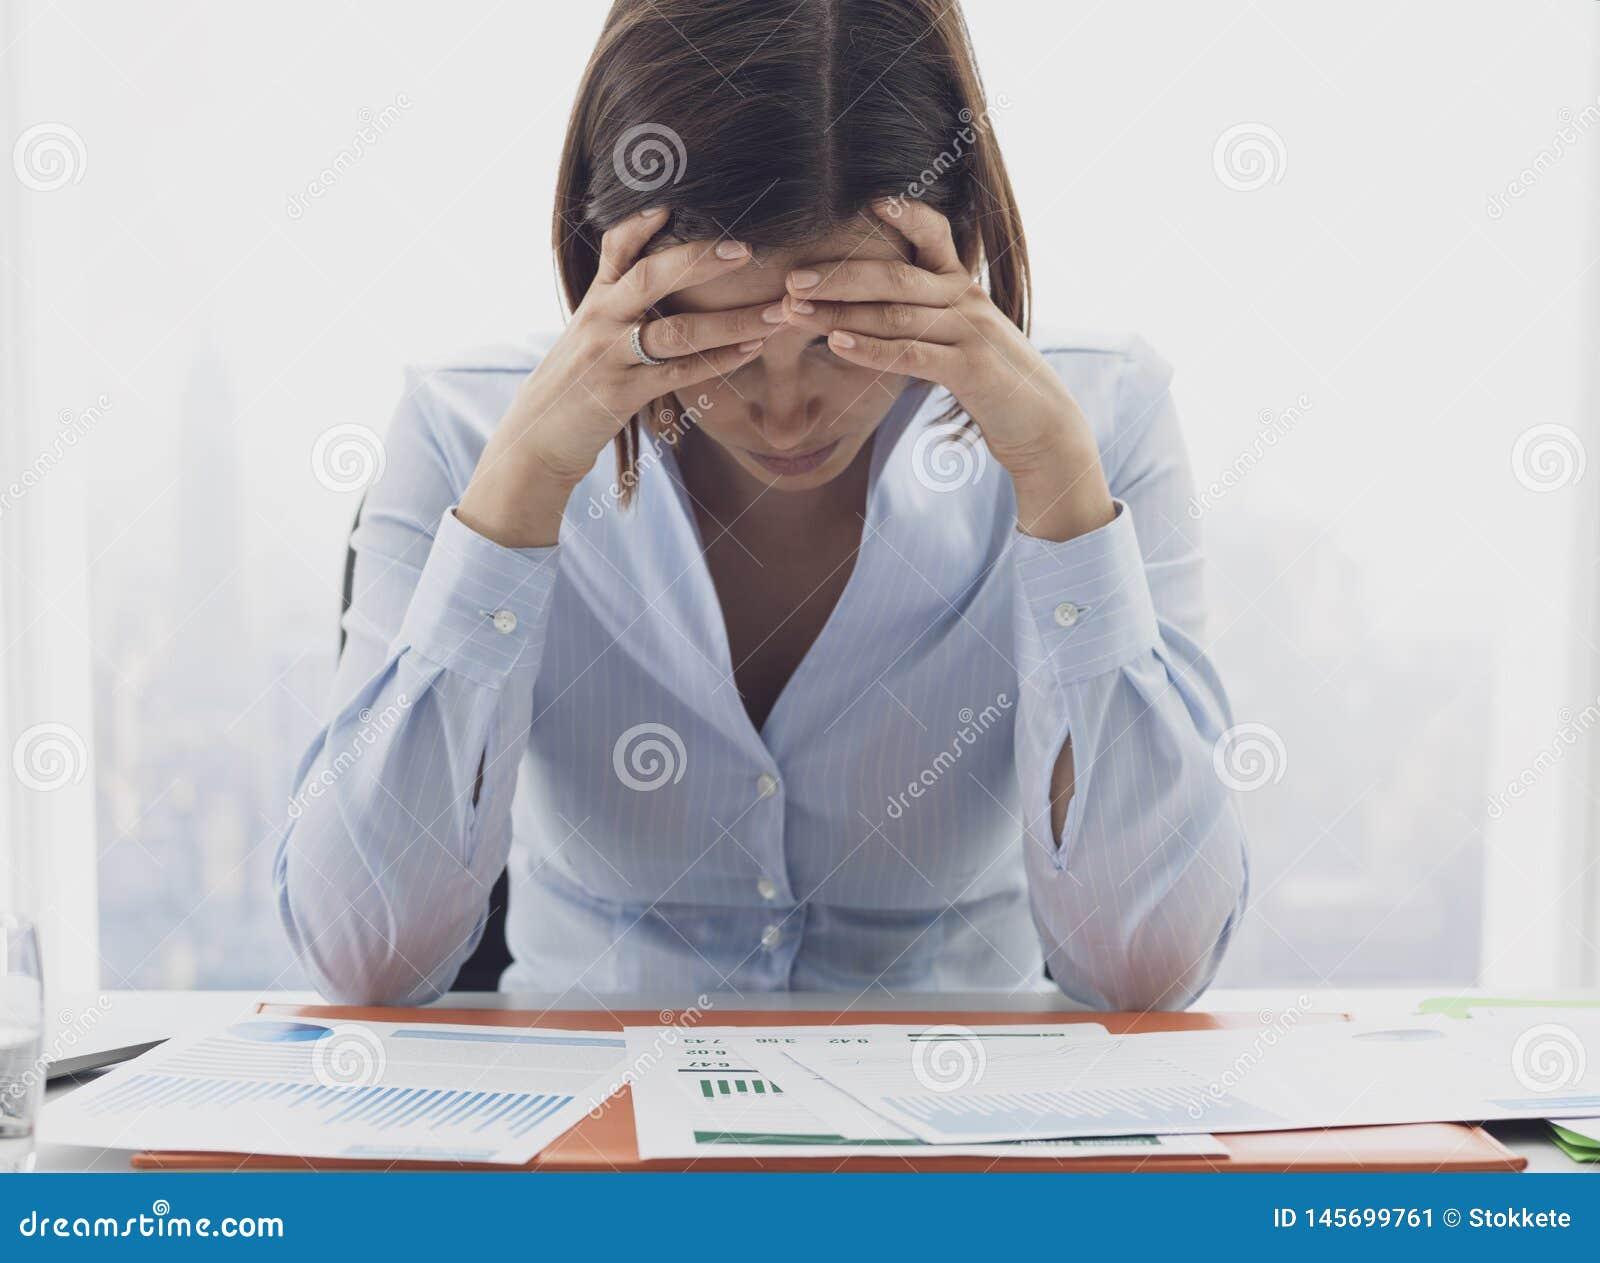 Fokussierte Gesch?ftsfrau, die Finanzberichte und das Denken ?berpr?ft